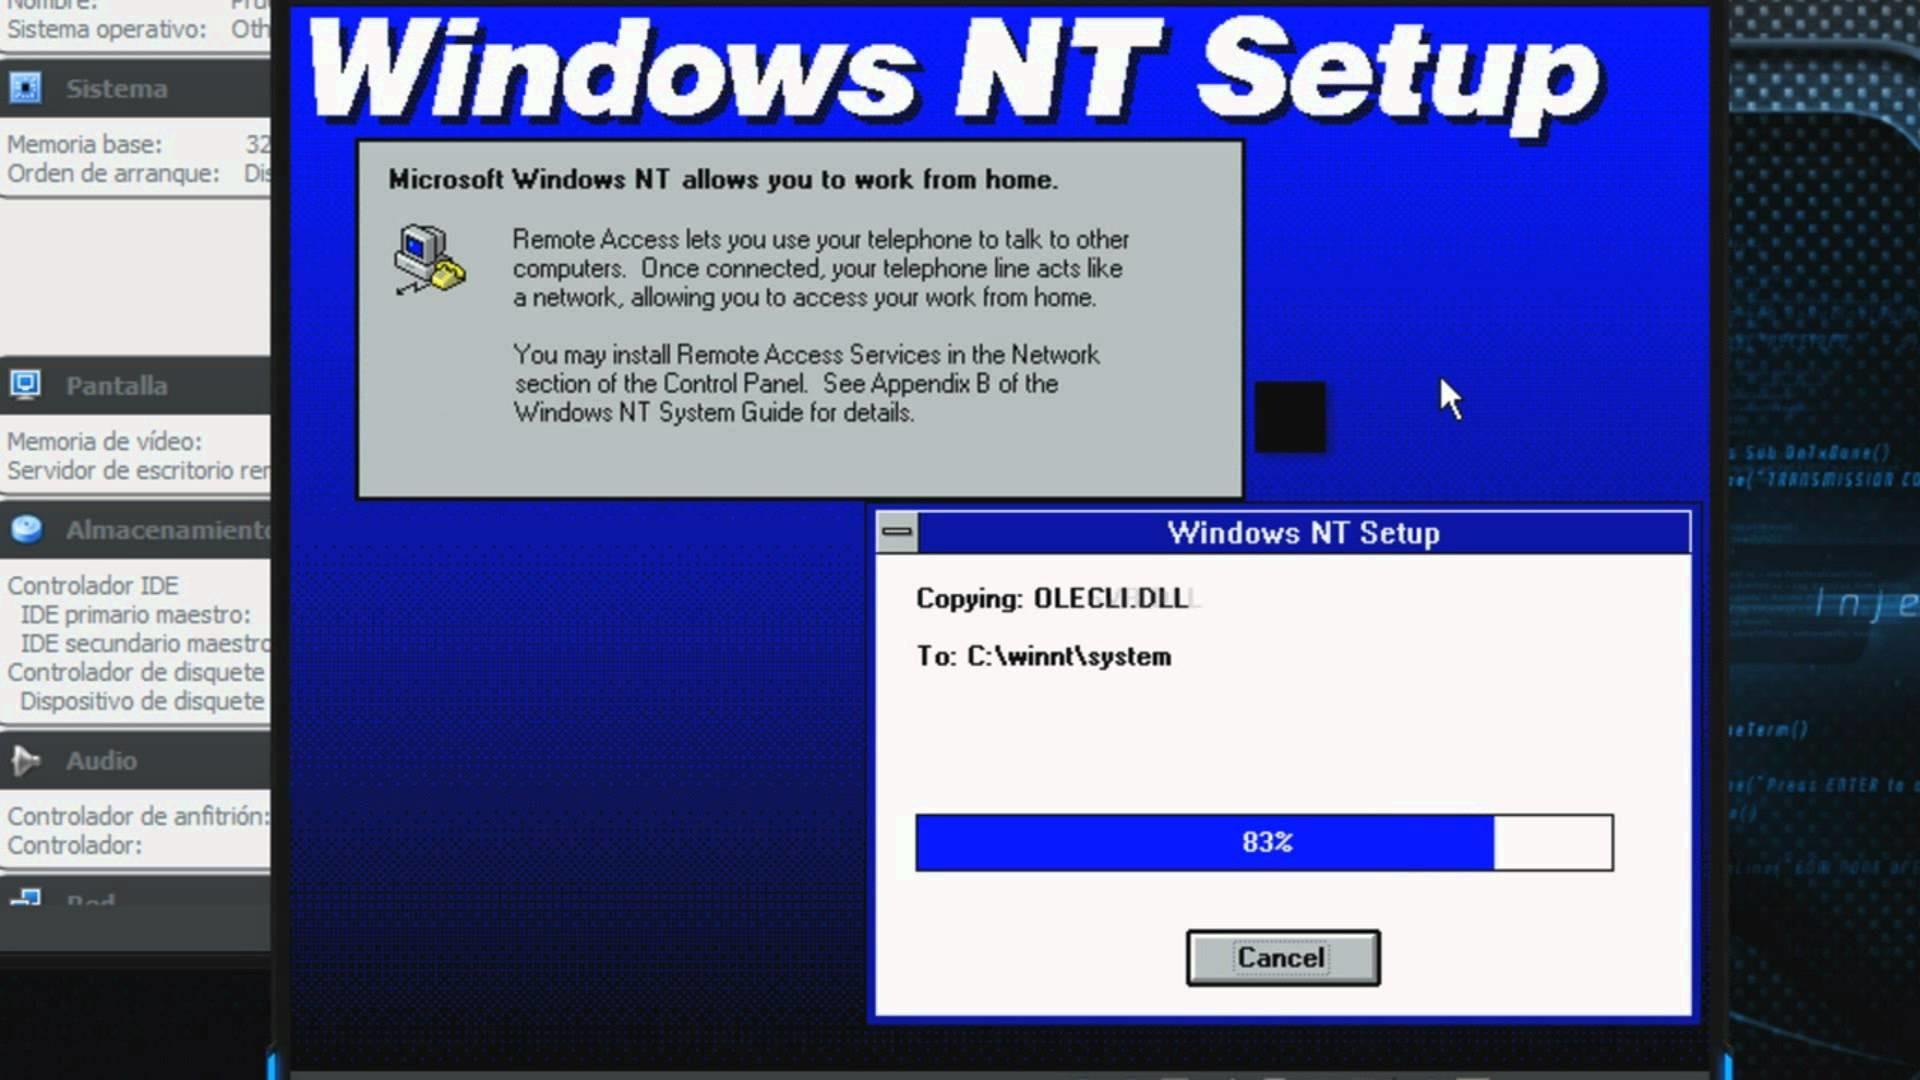 Como Instalar Windows NT 3.1 Workstation Build 528 RTM en Virtualbox